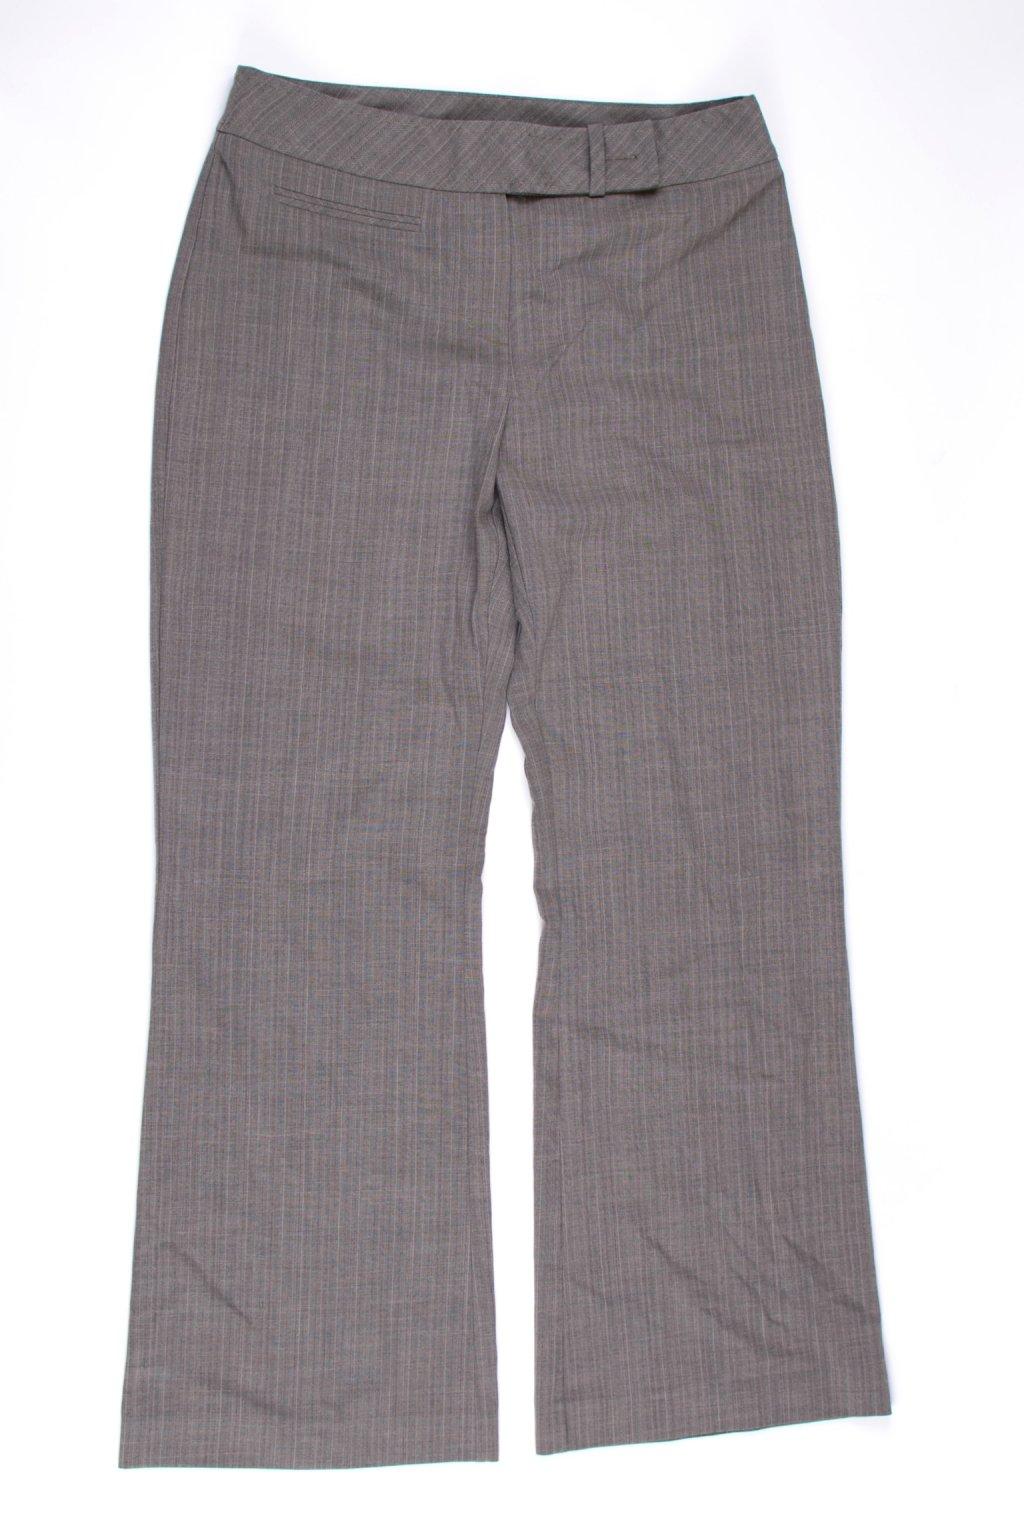 Kalhoty TU formální vel M/42/uk12 hnědé